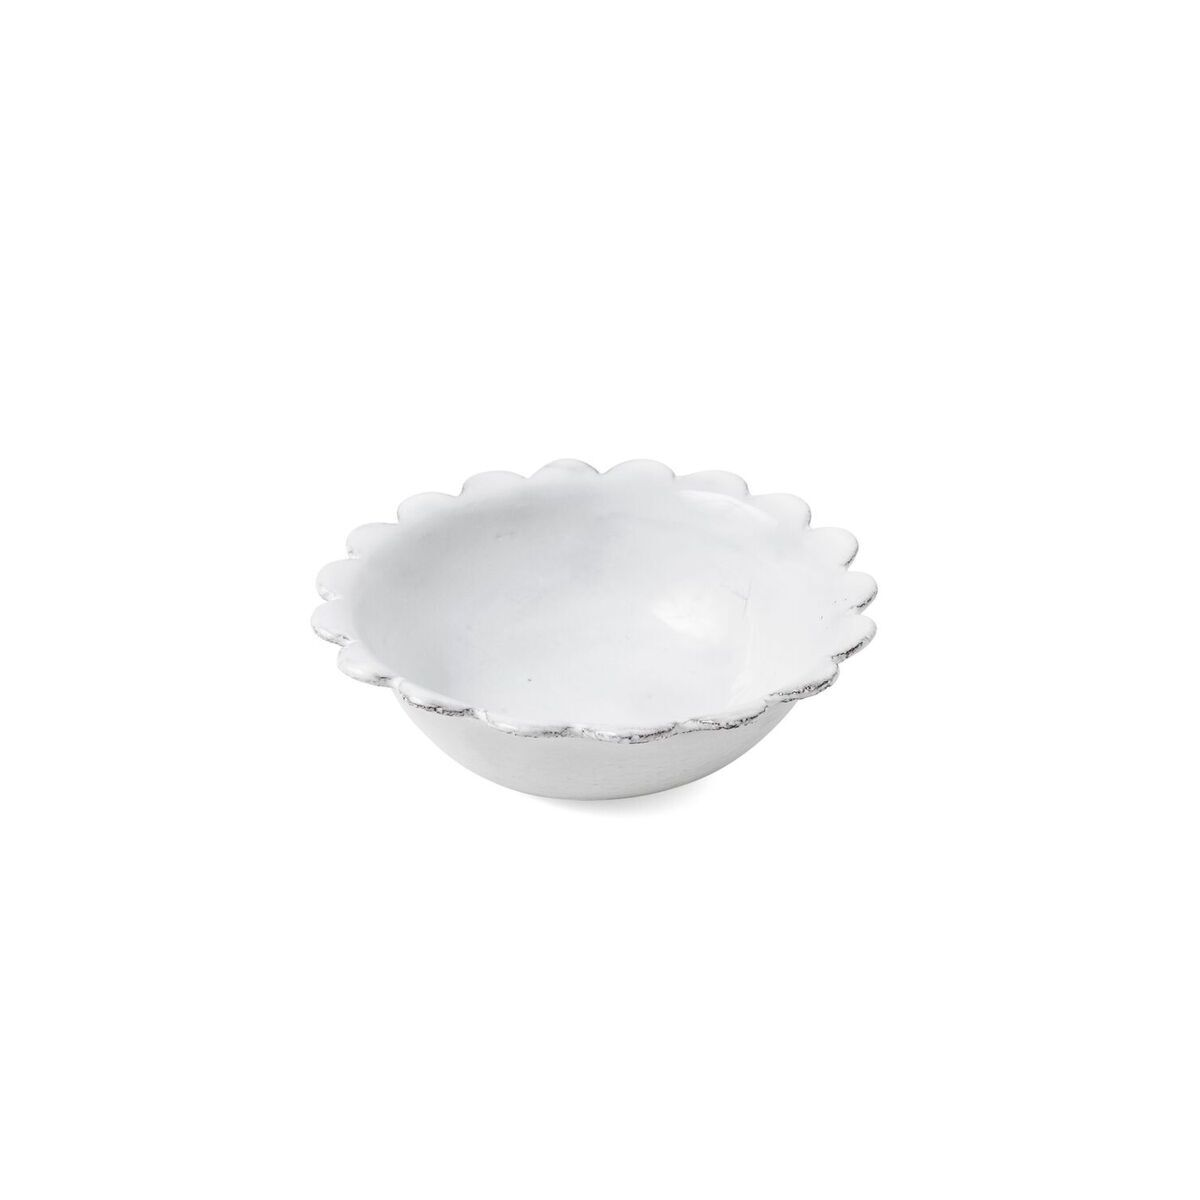 Daisy Salad Bowl